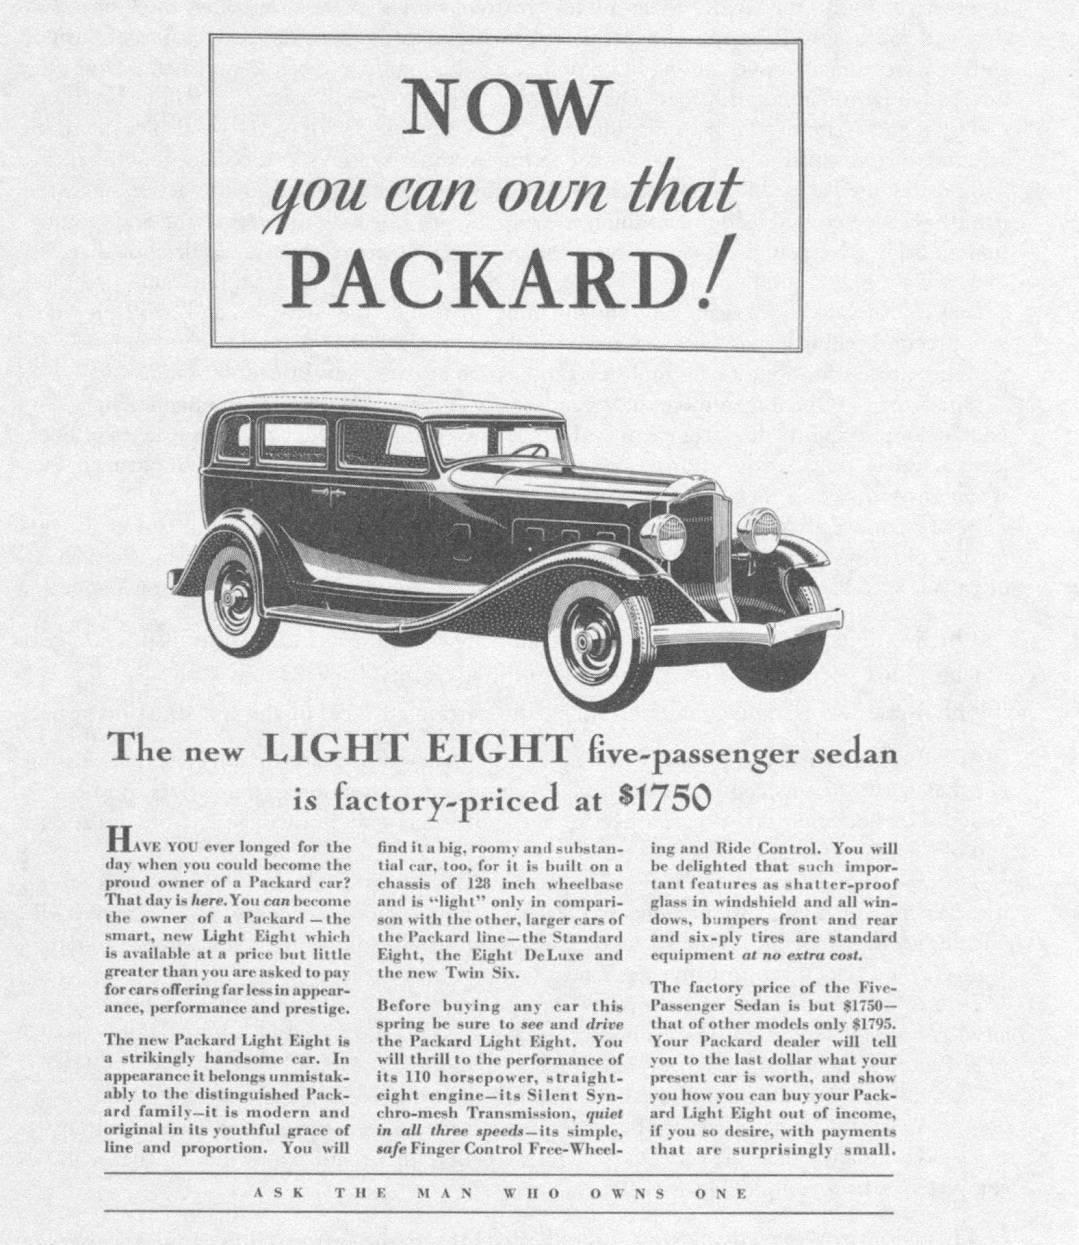 1932 PACKARD ADVERT12-B&W-072111